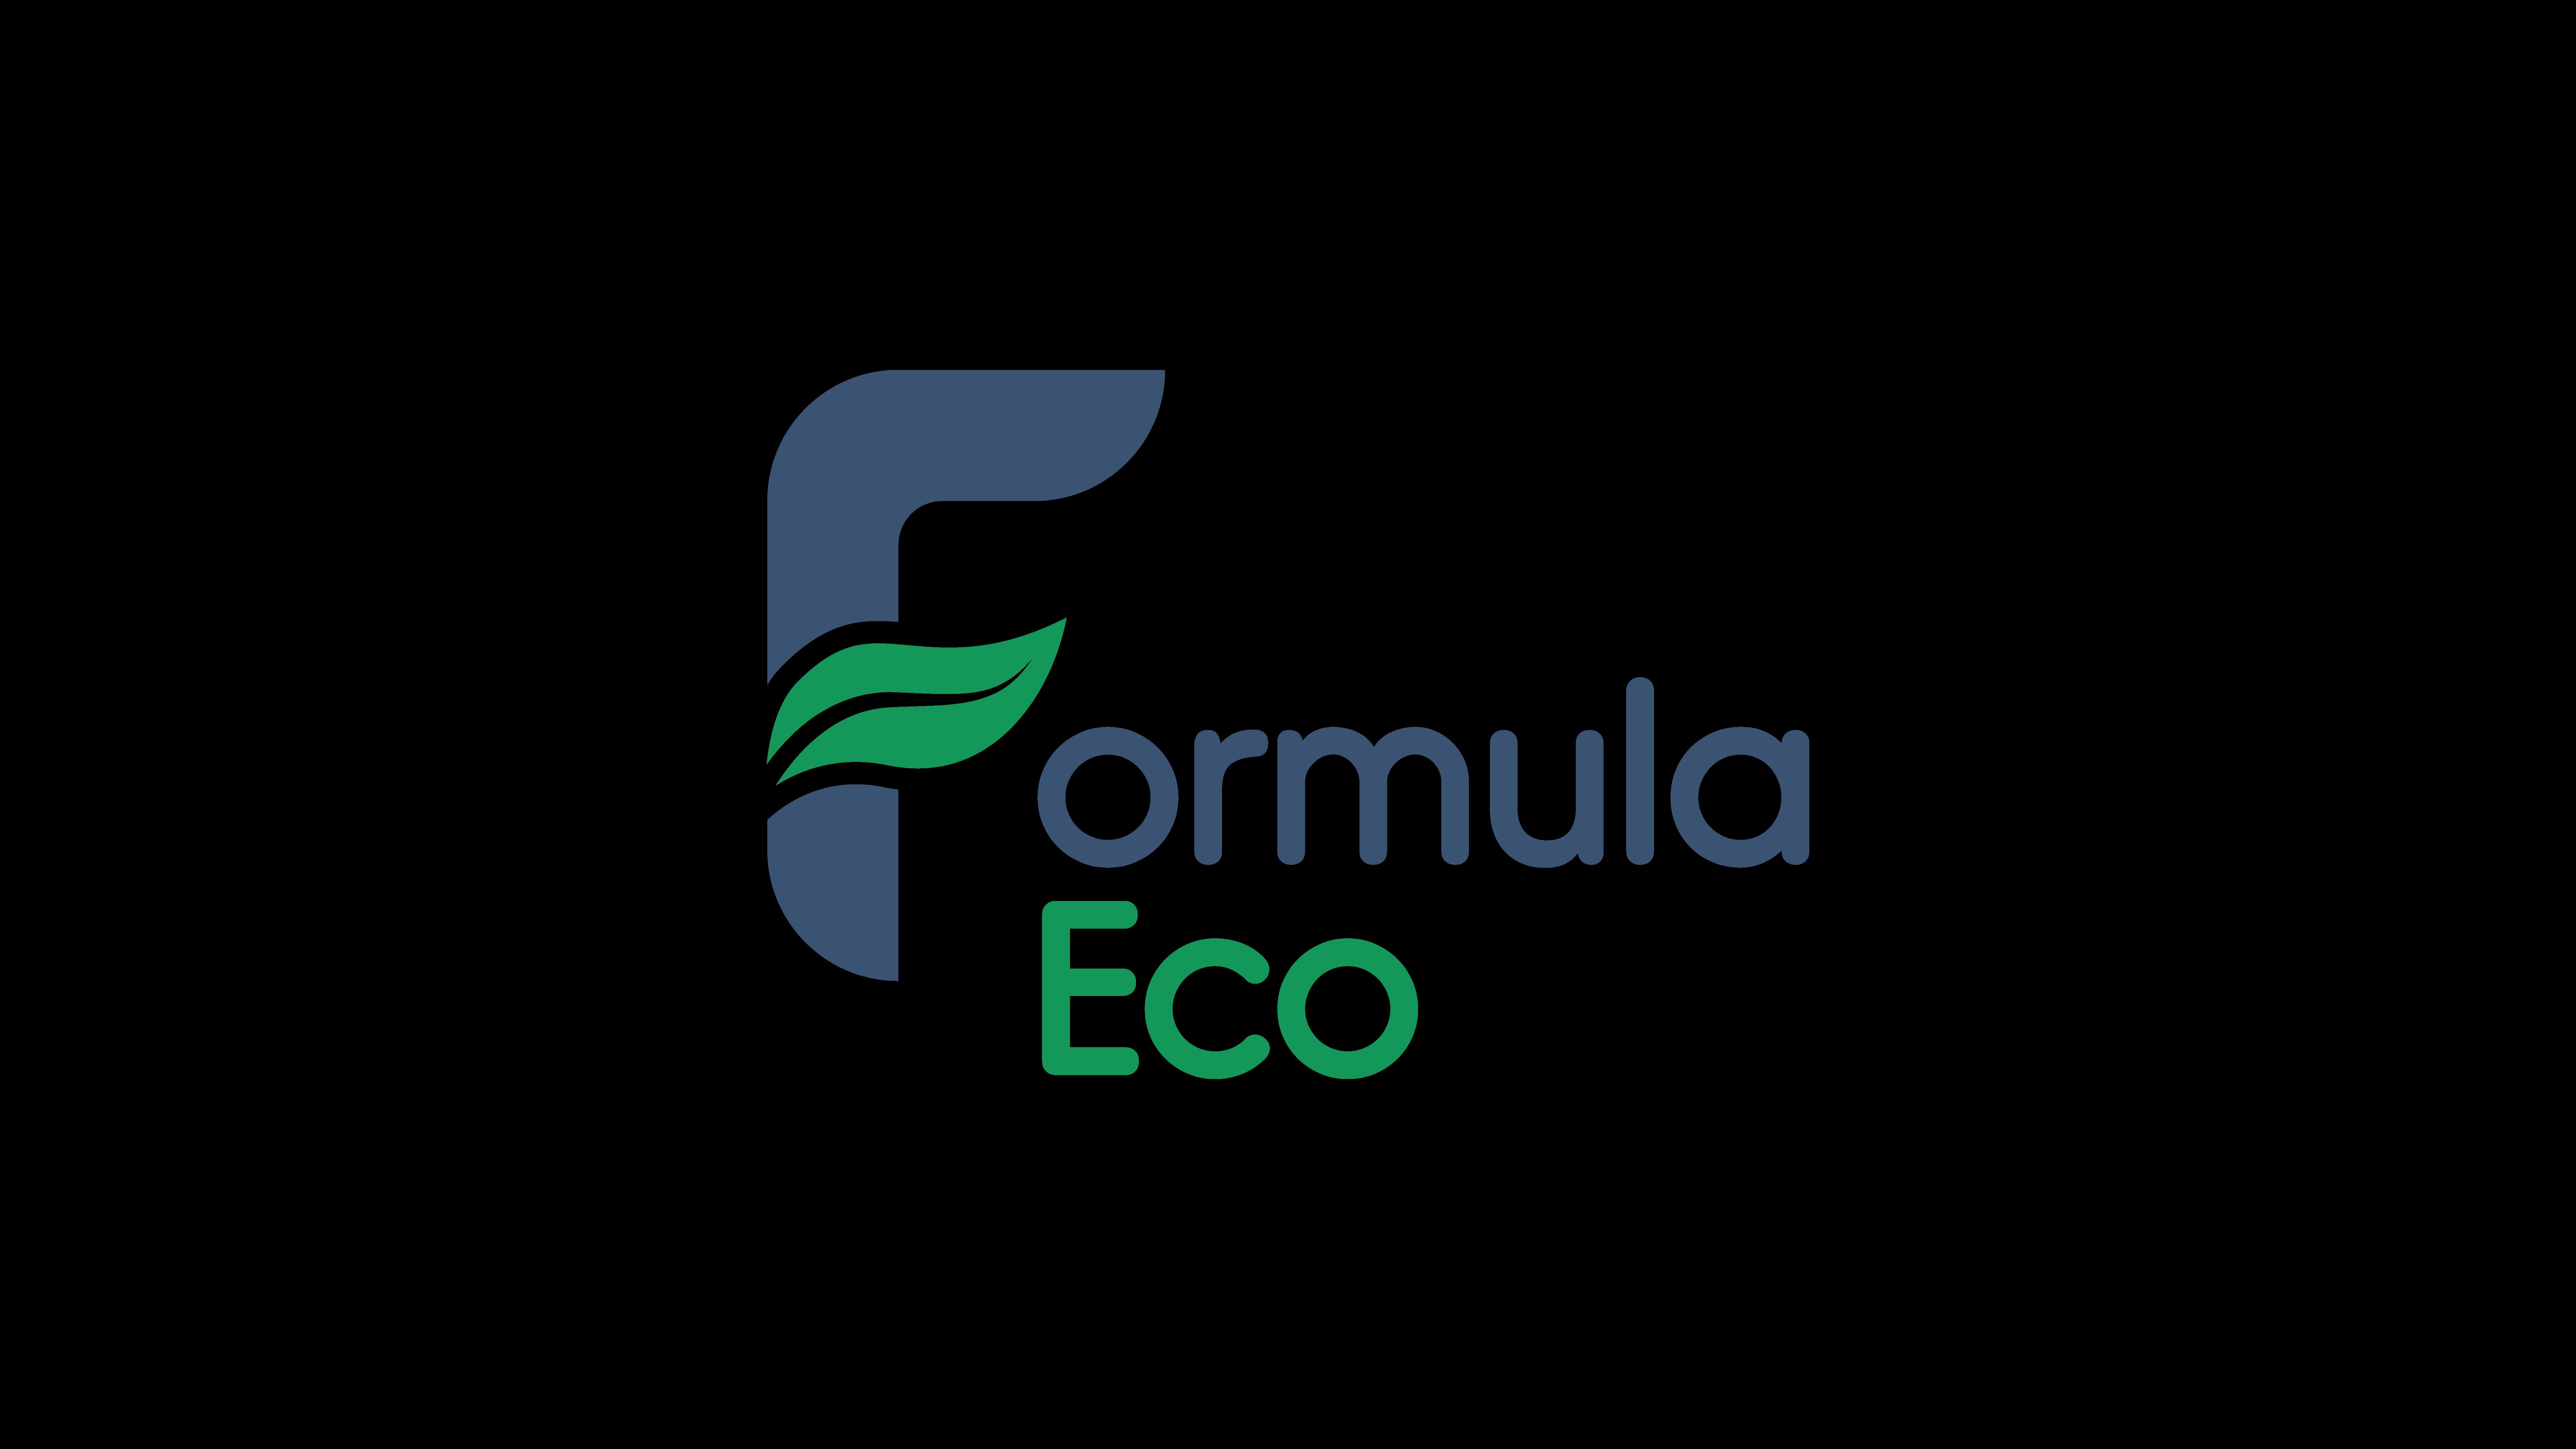 FORMULA ECO